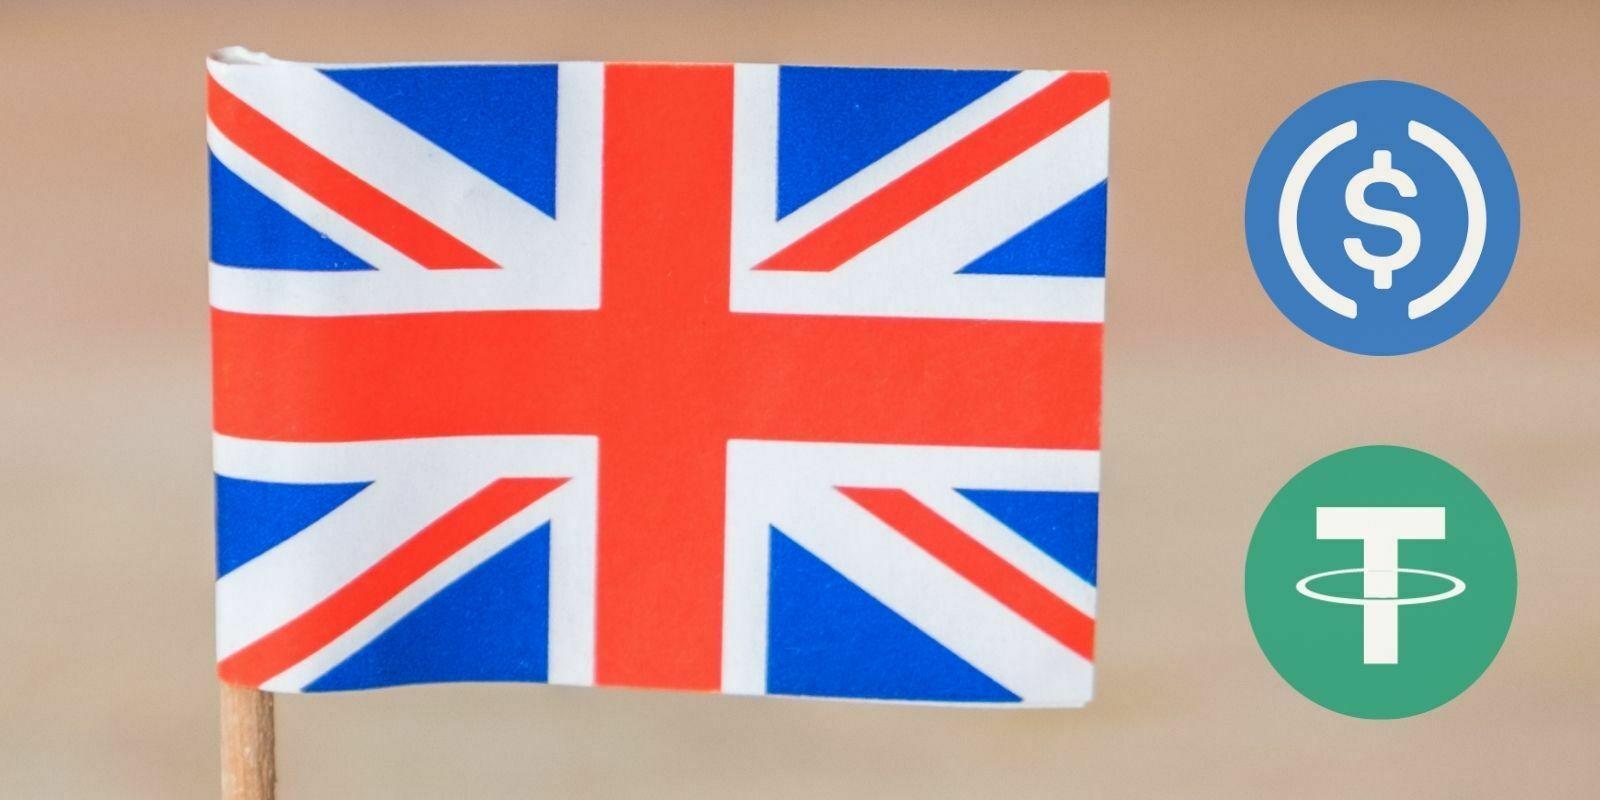 Le gouvernement britannique reconnait le potentiel des stablecoins pour l'économie